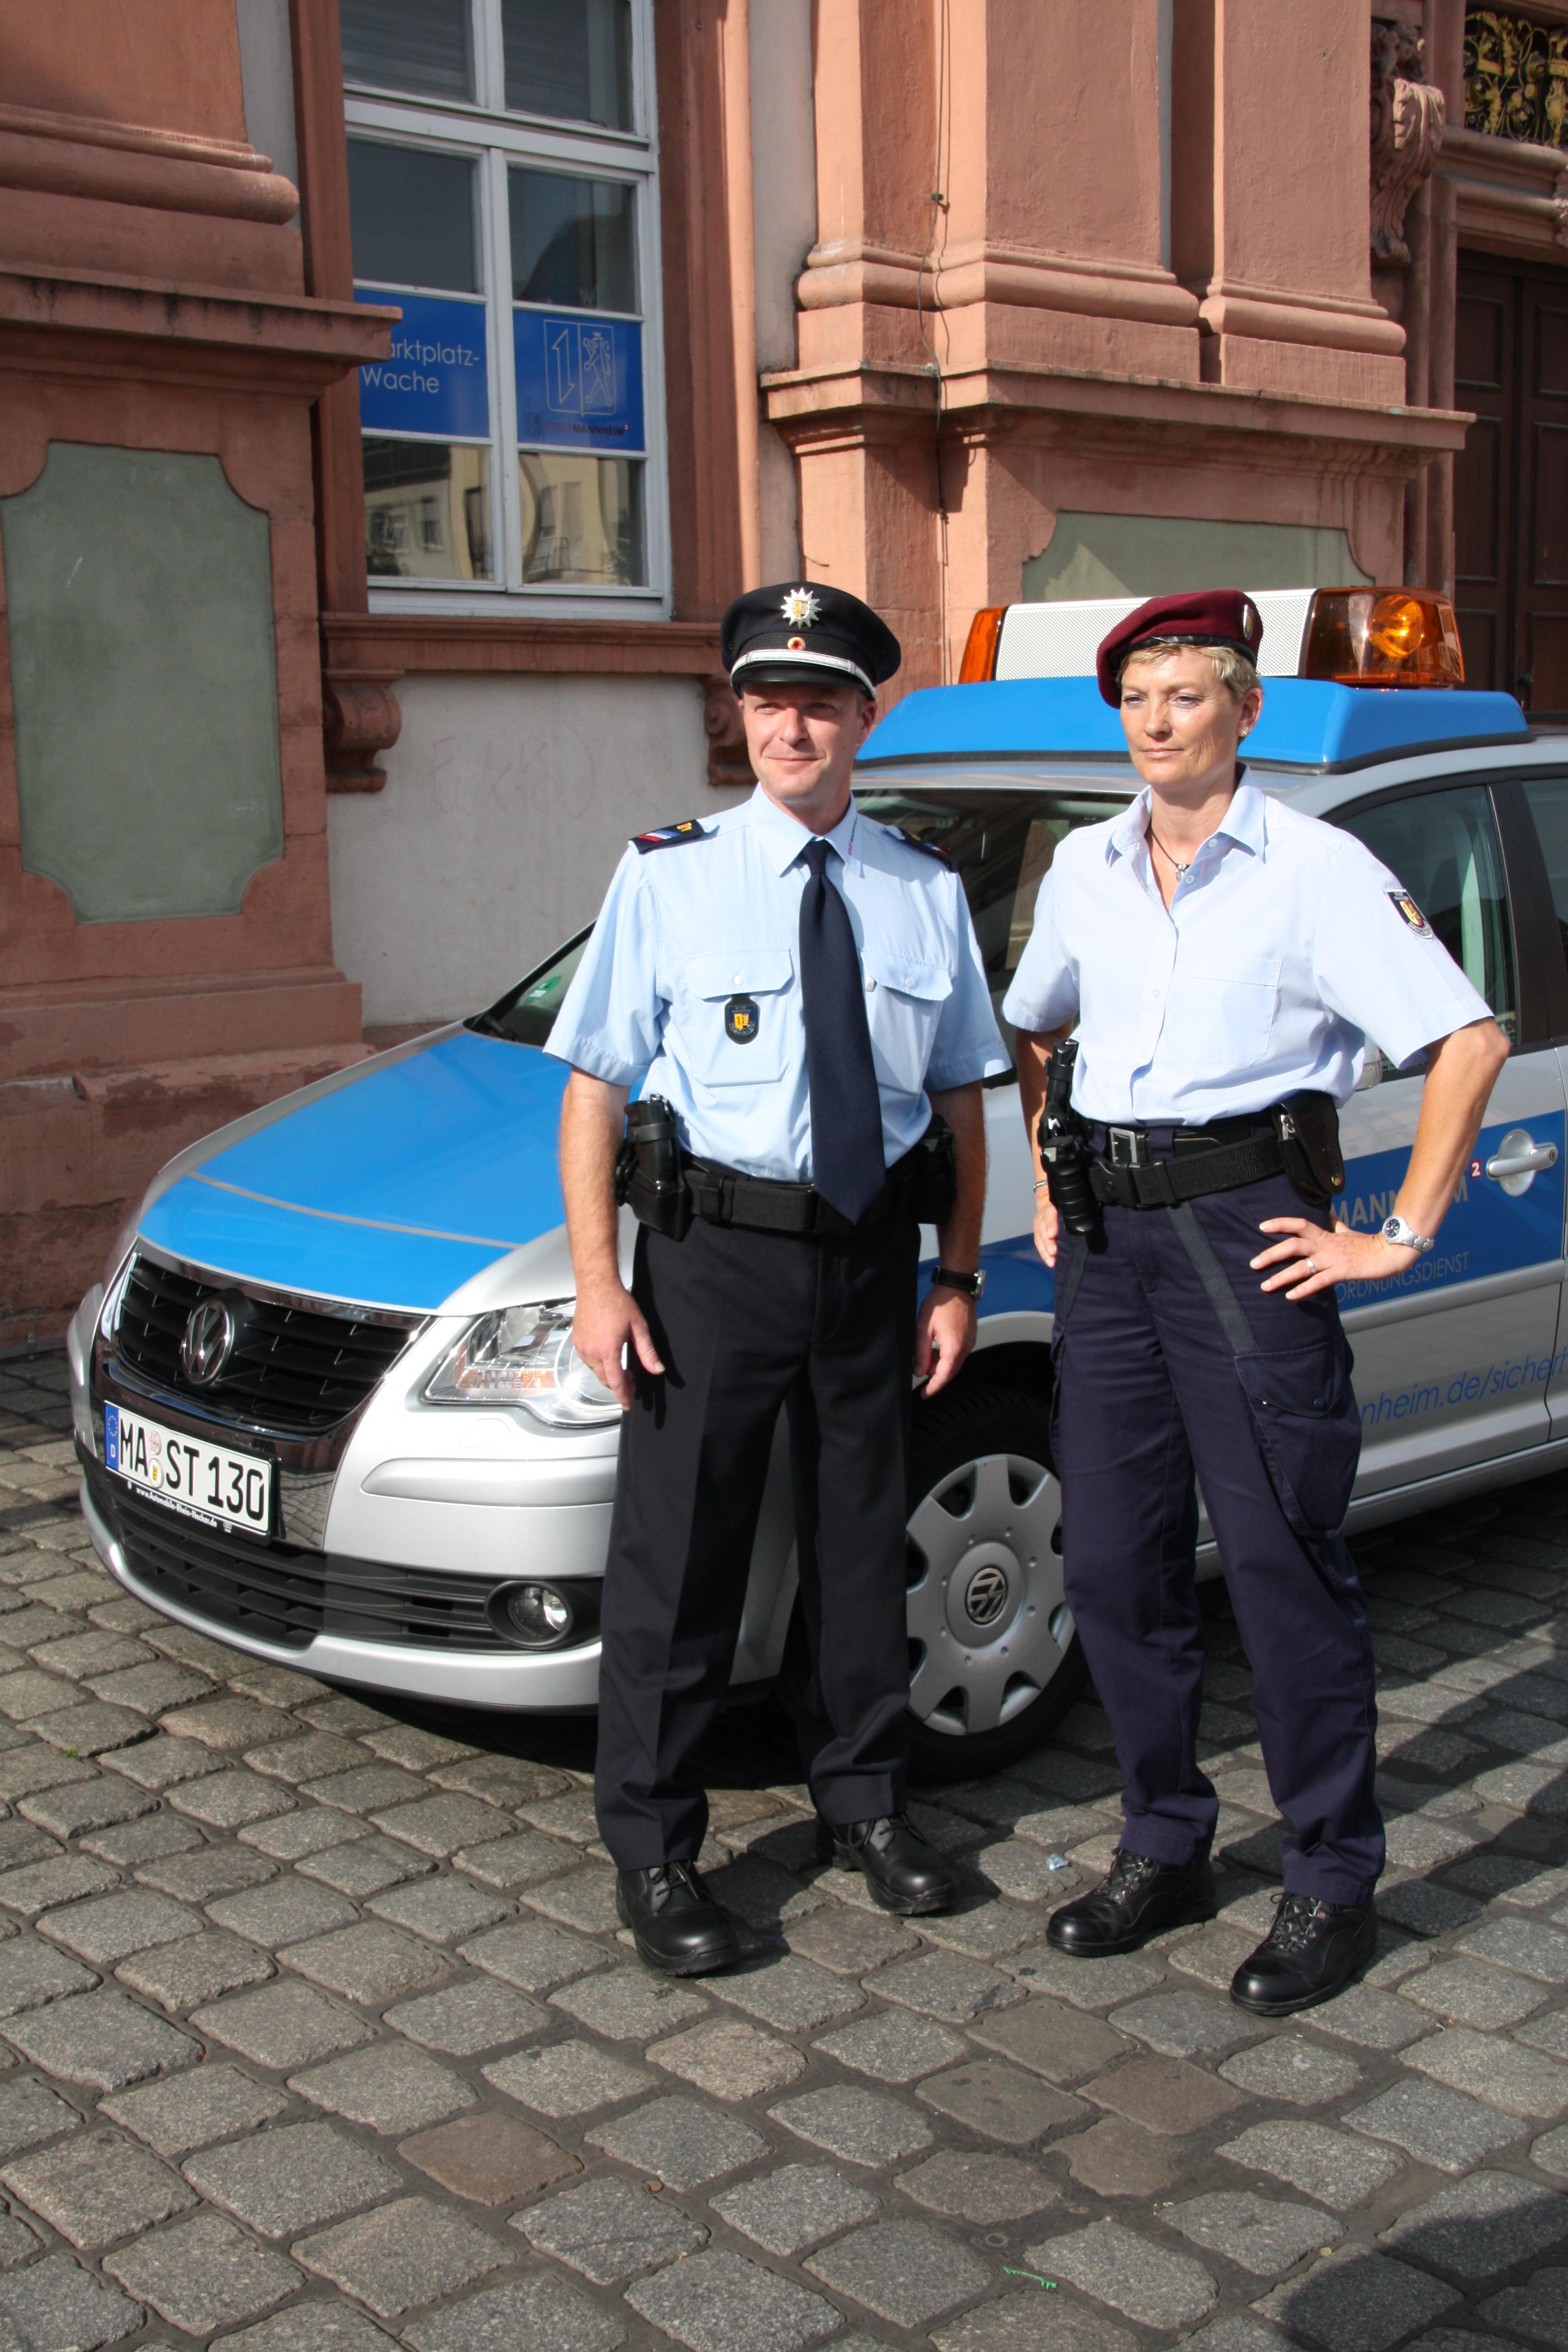 KOD-Mitarbeiter bringen Ladendieb zur Polizei   Mannheim.de